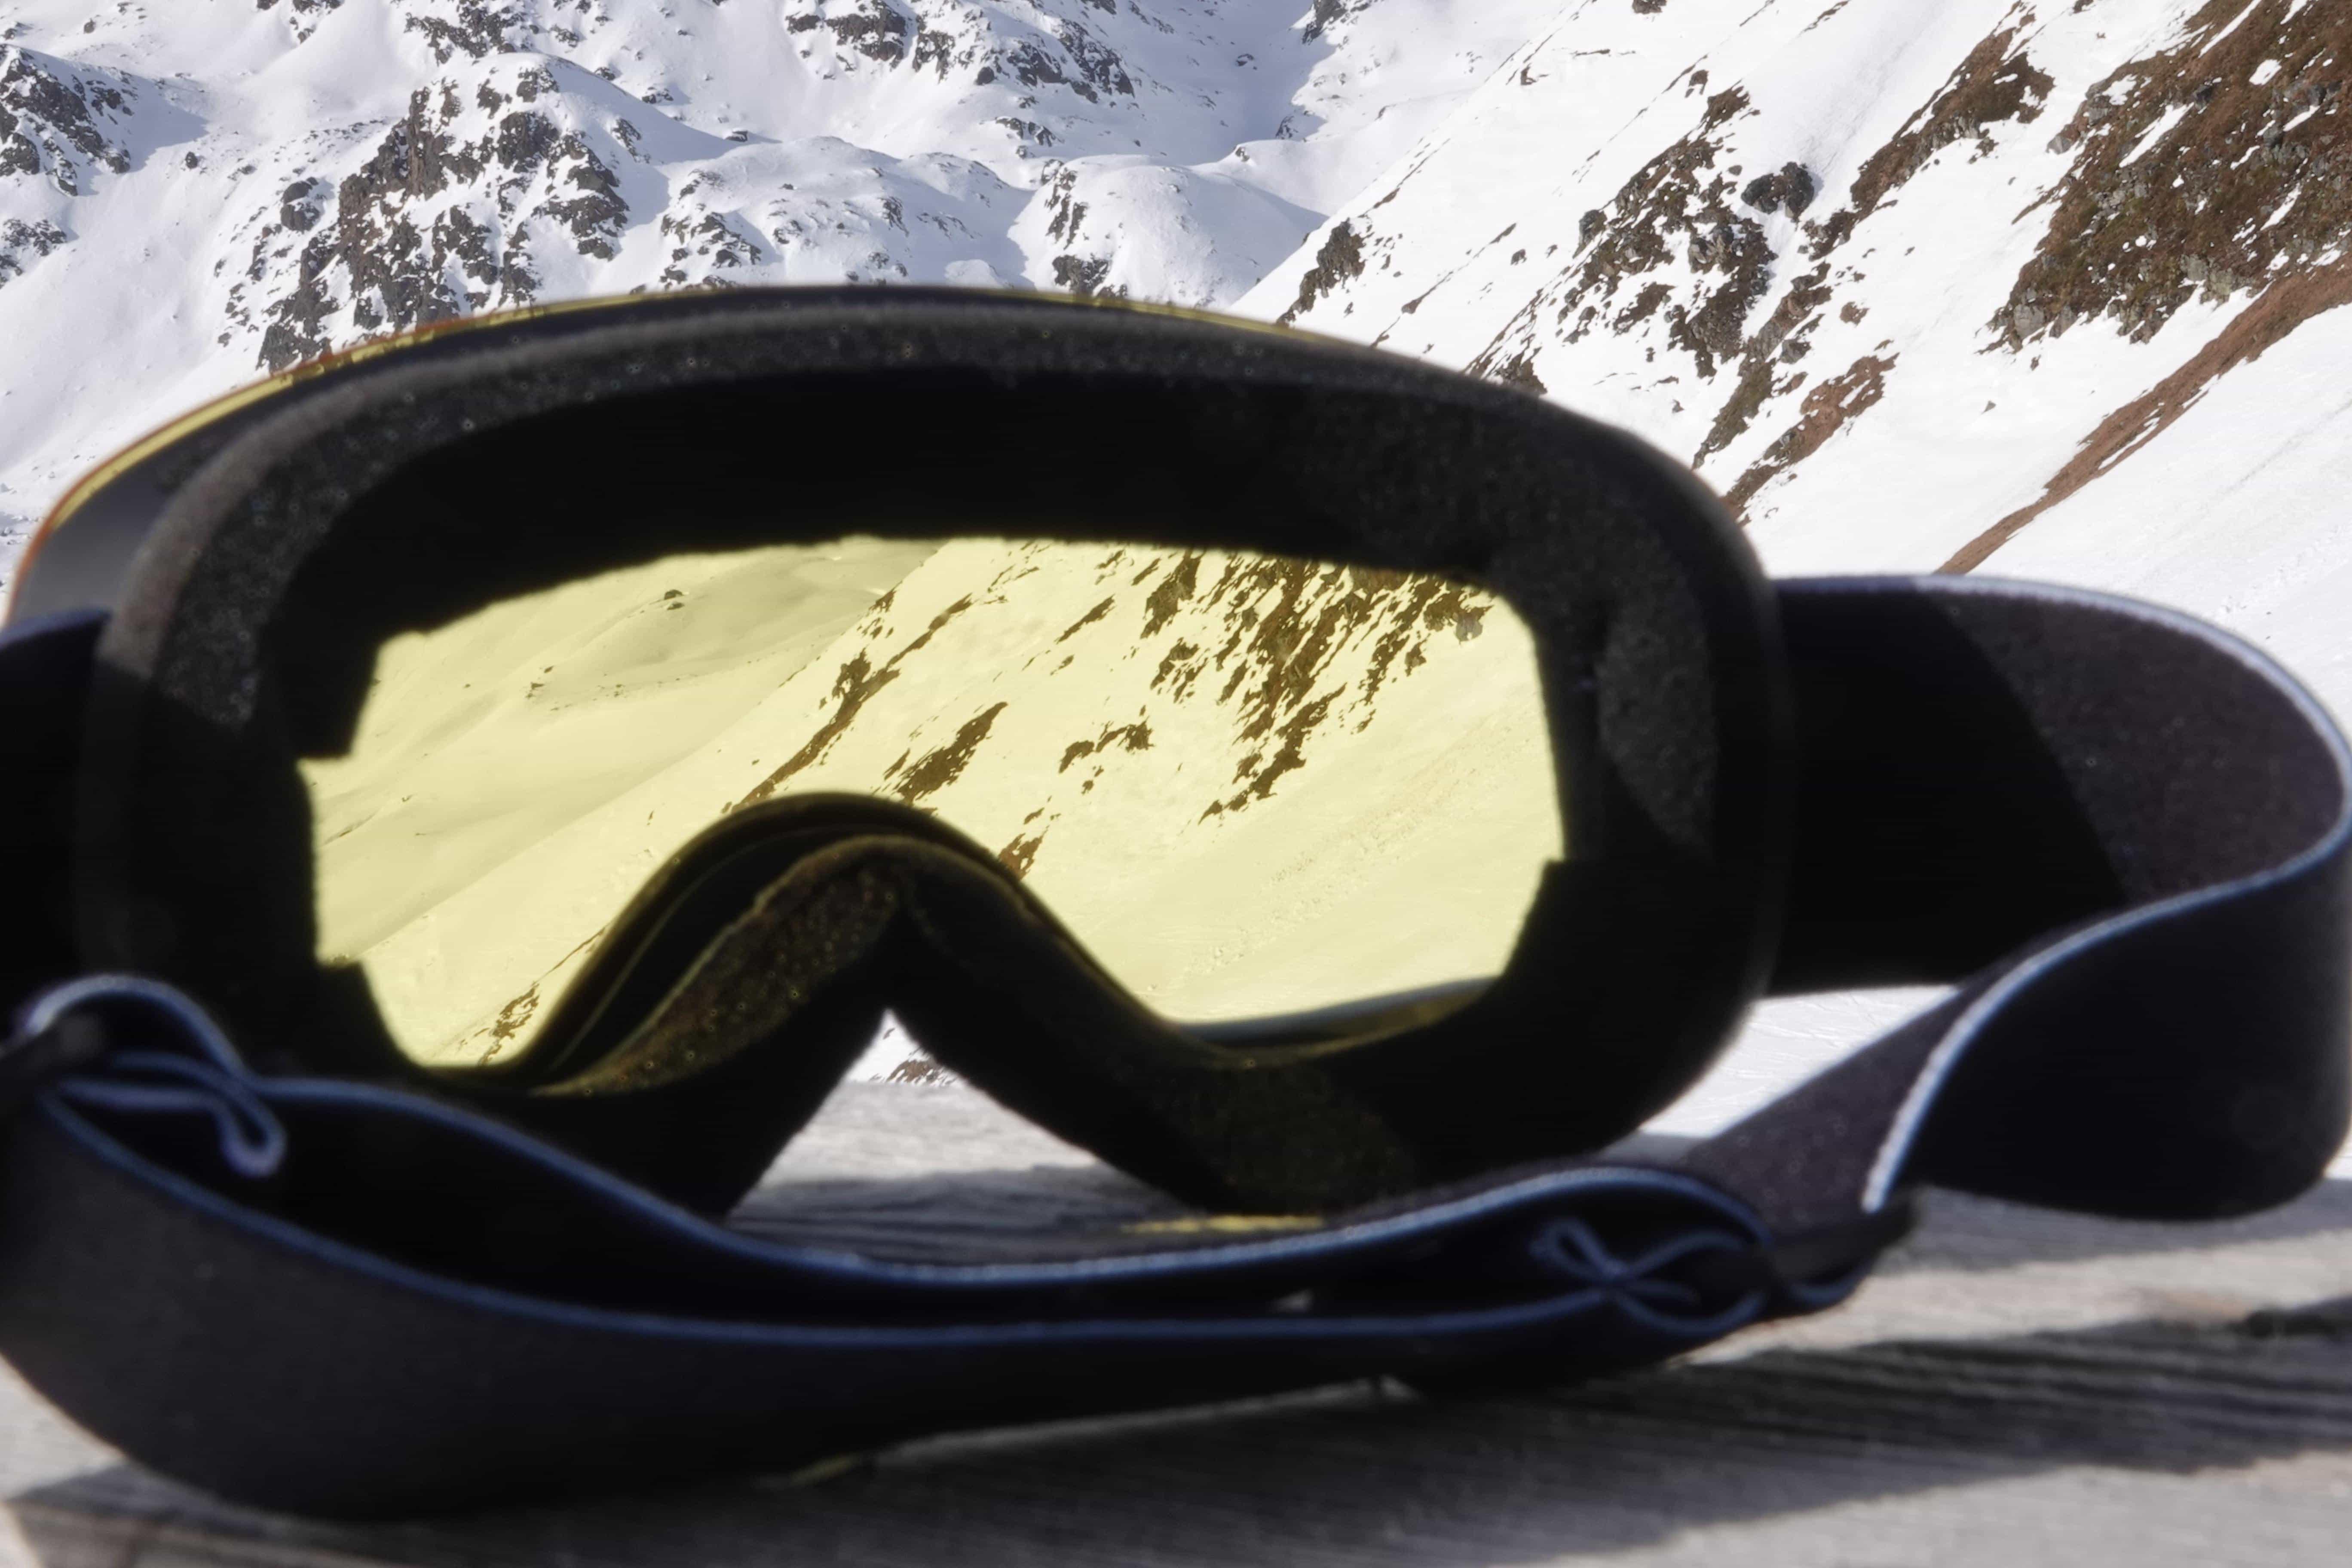 5one® Alpine 2 kinder skibril - Blue revo + gele lens - antic-ondens